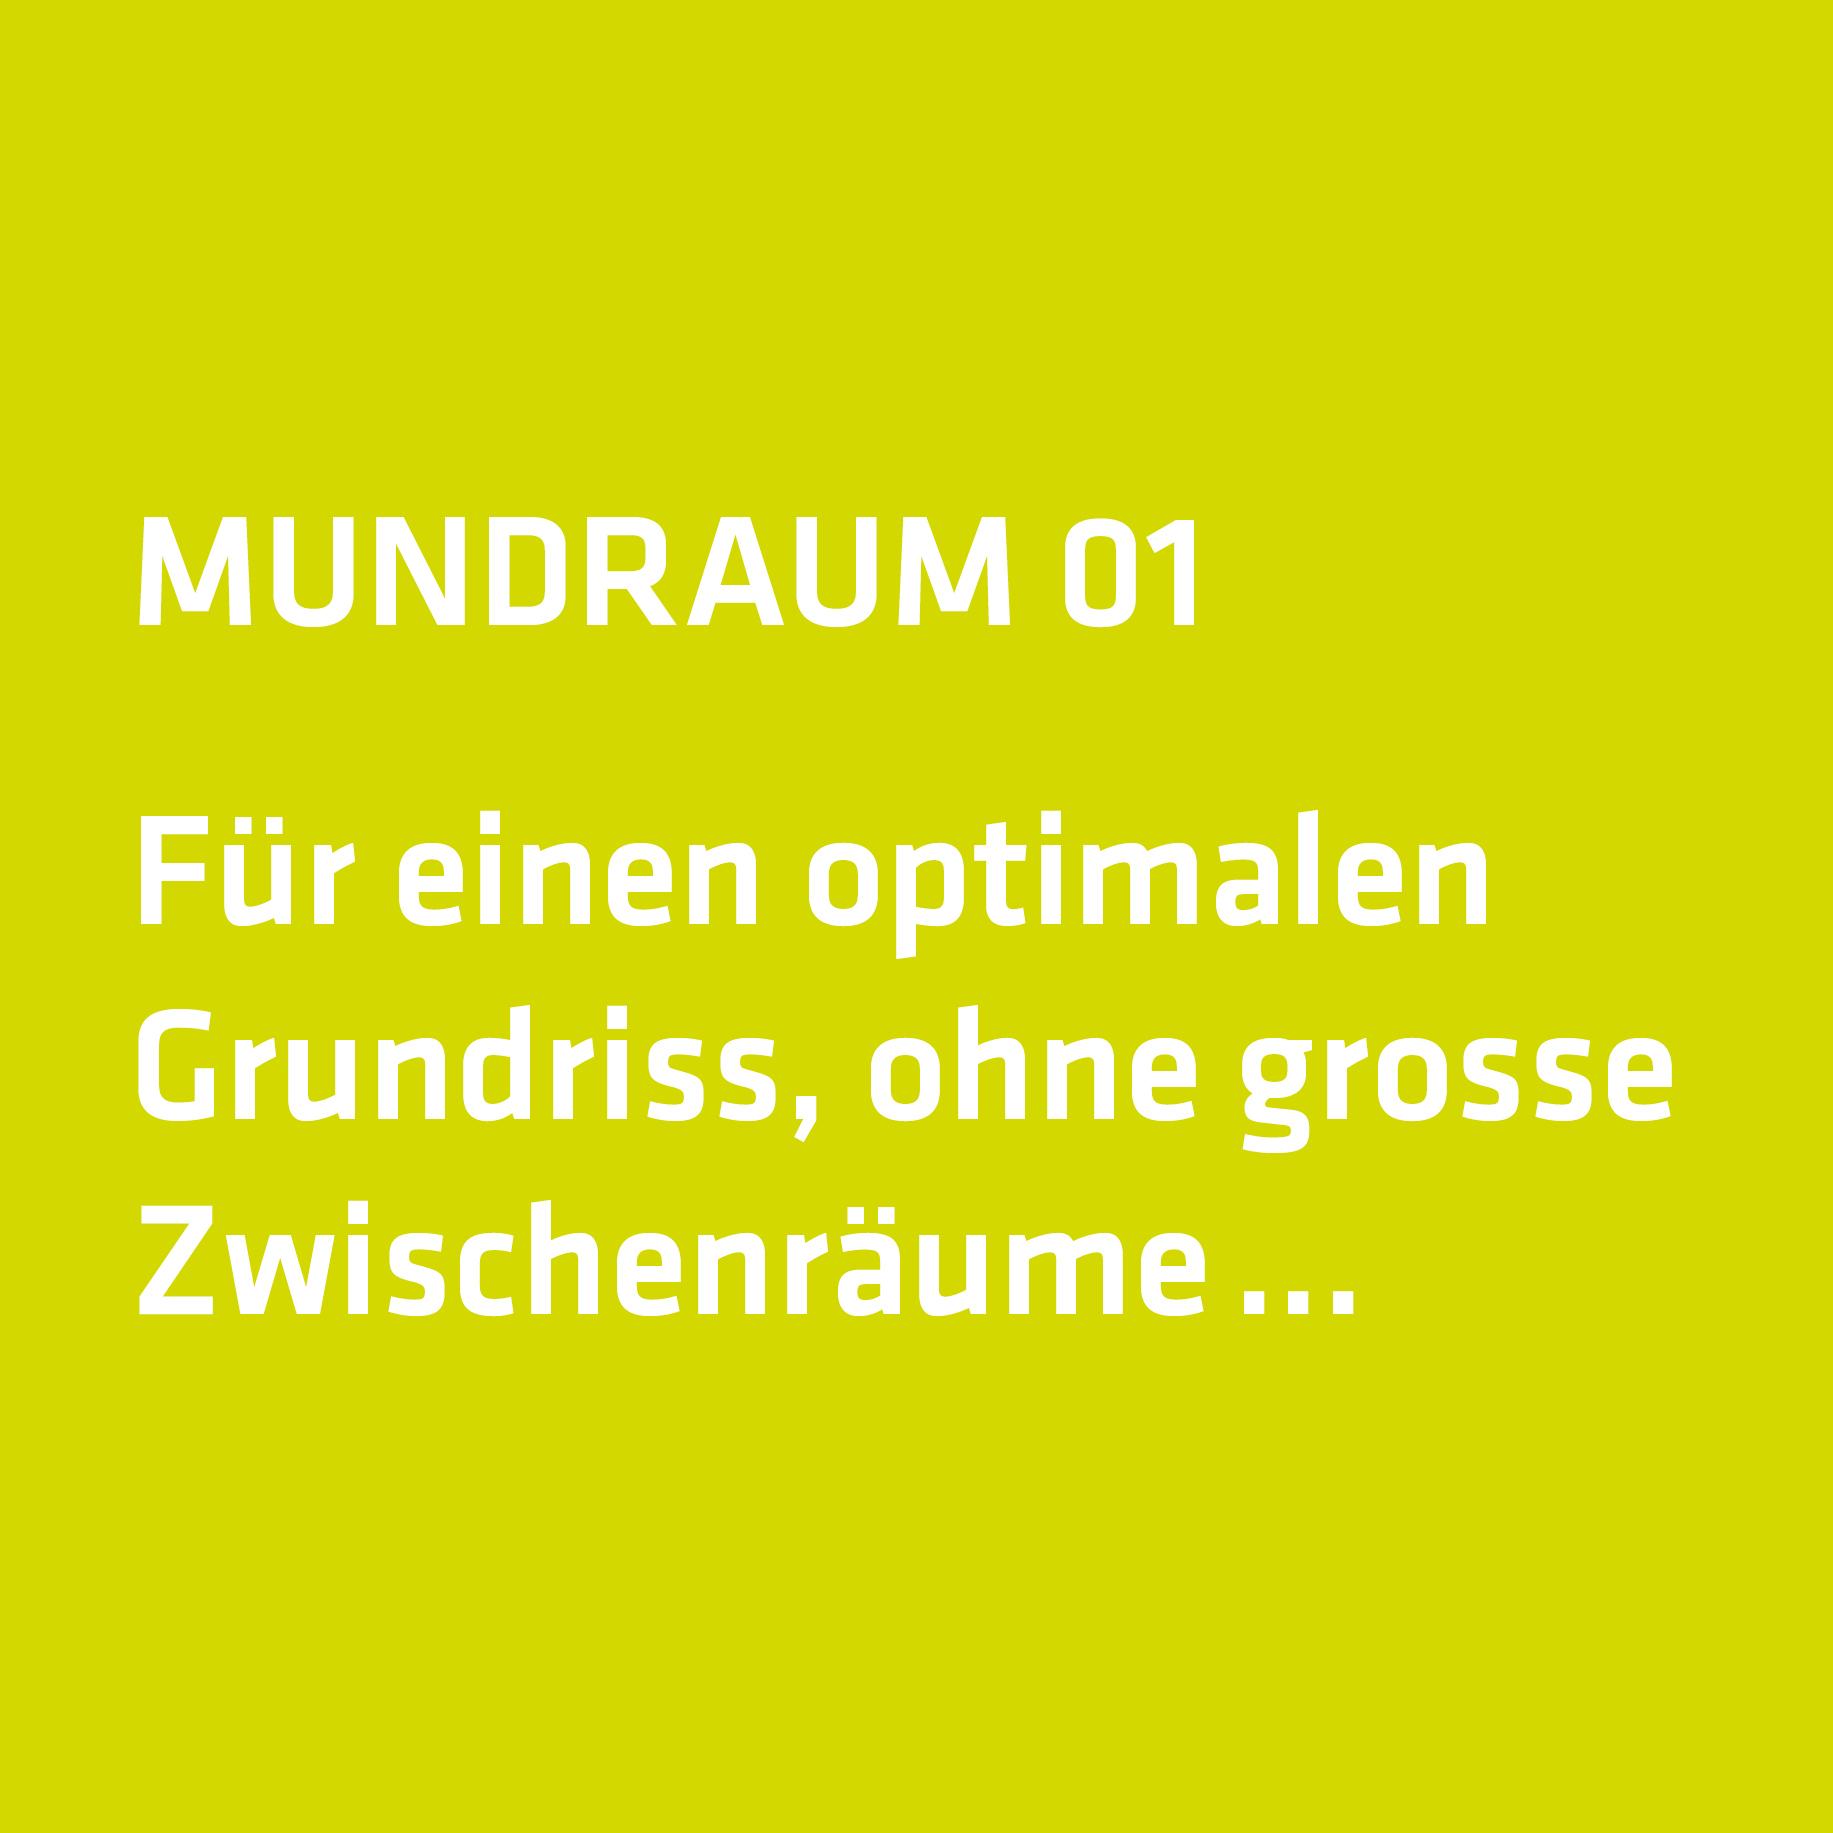 Mundraeume